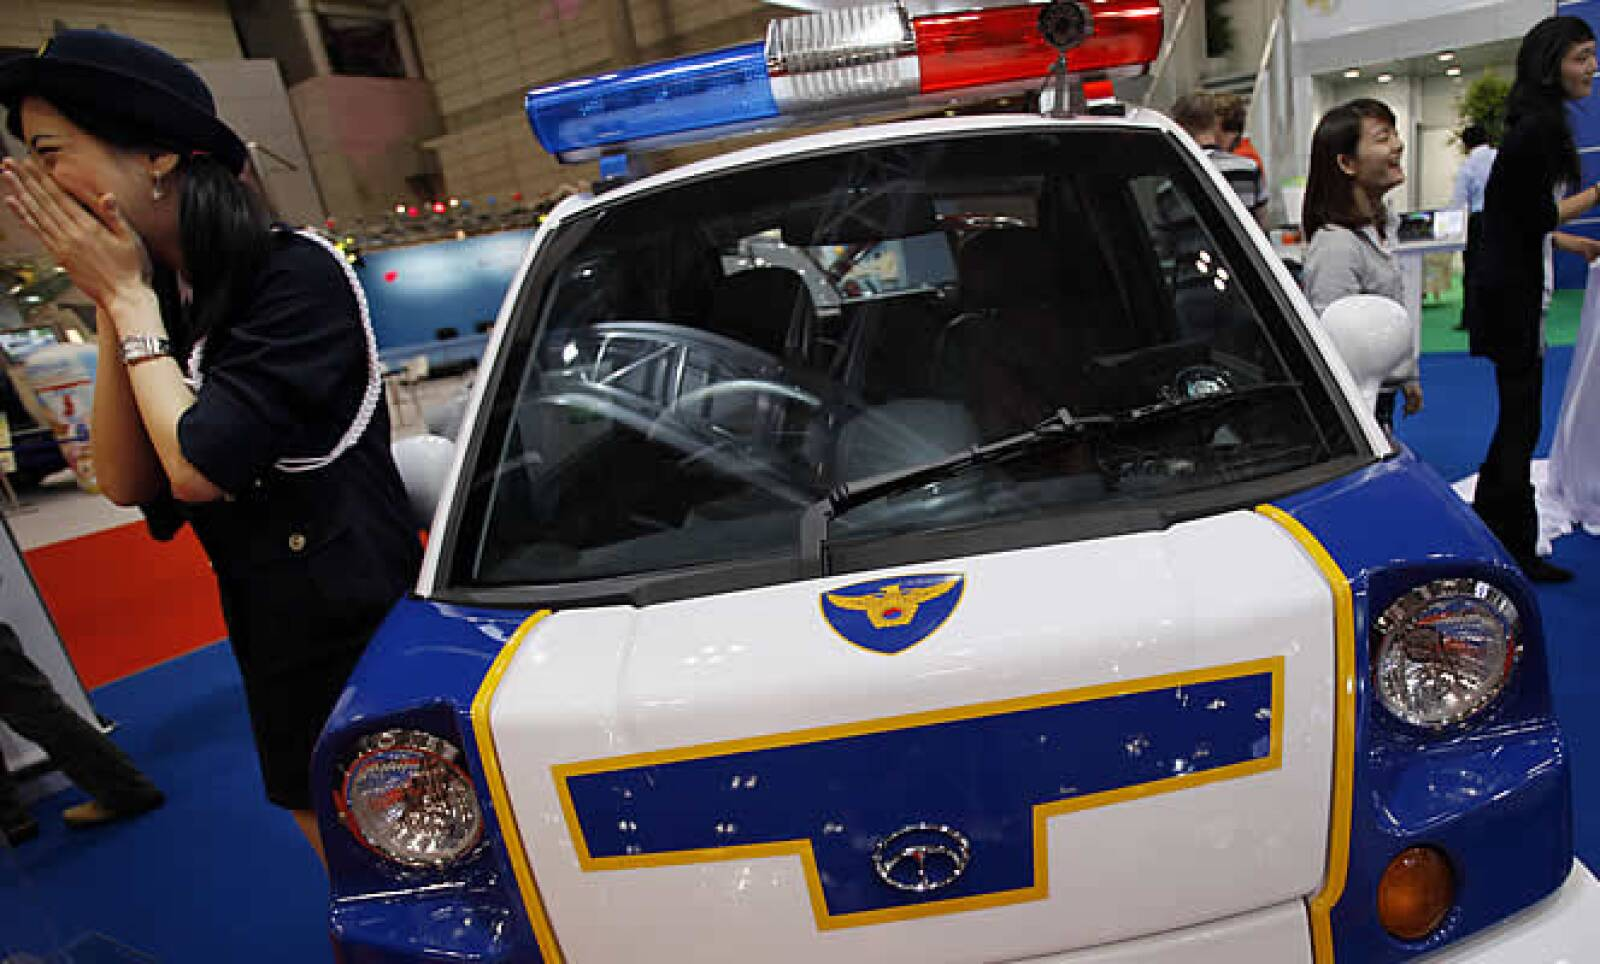 En un futuro la policía japonesa se trasladará en autos eléctricos como el que se muestra en la foto.